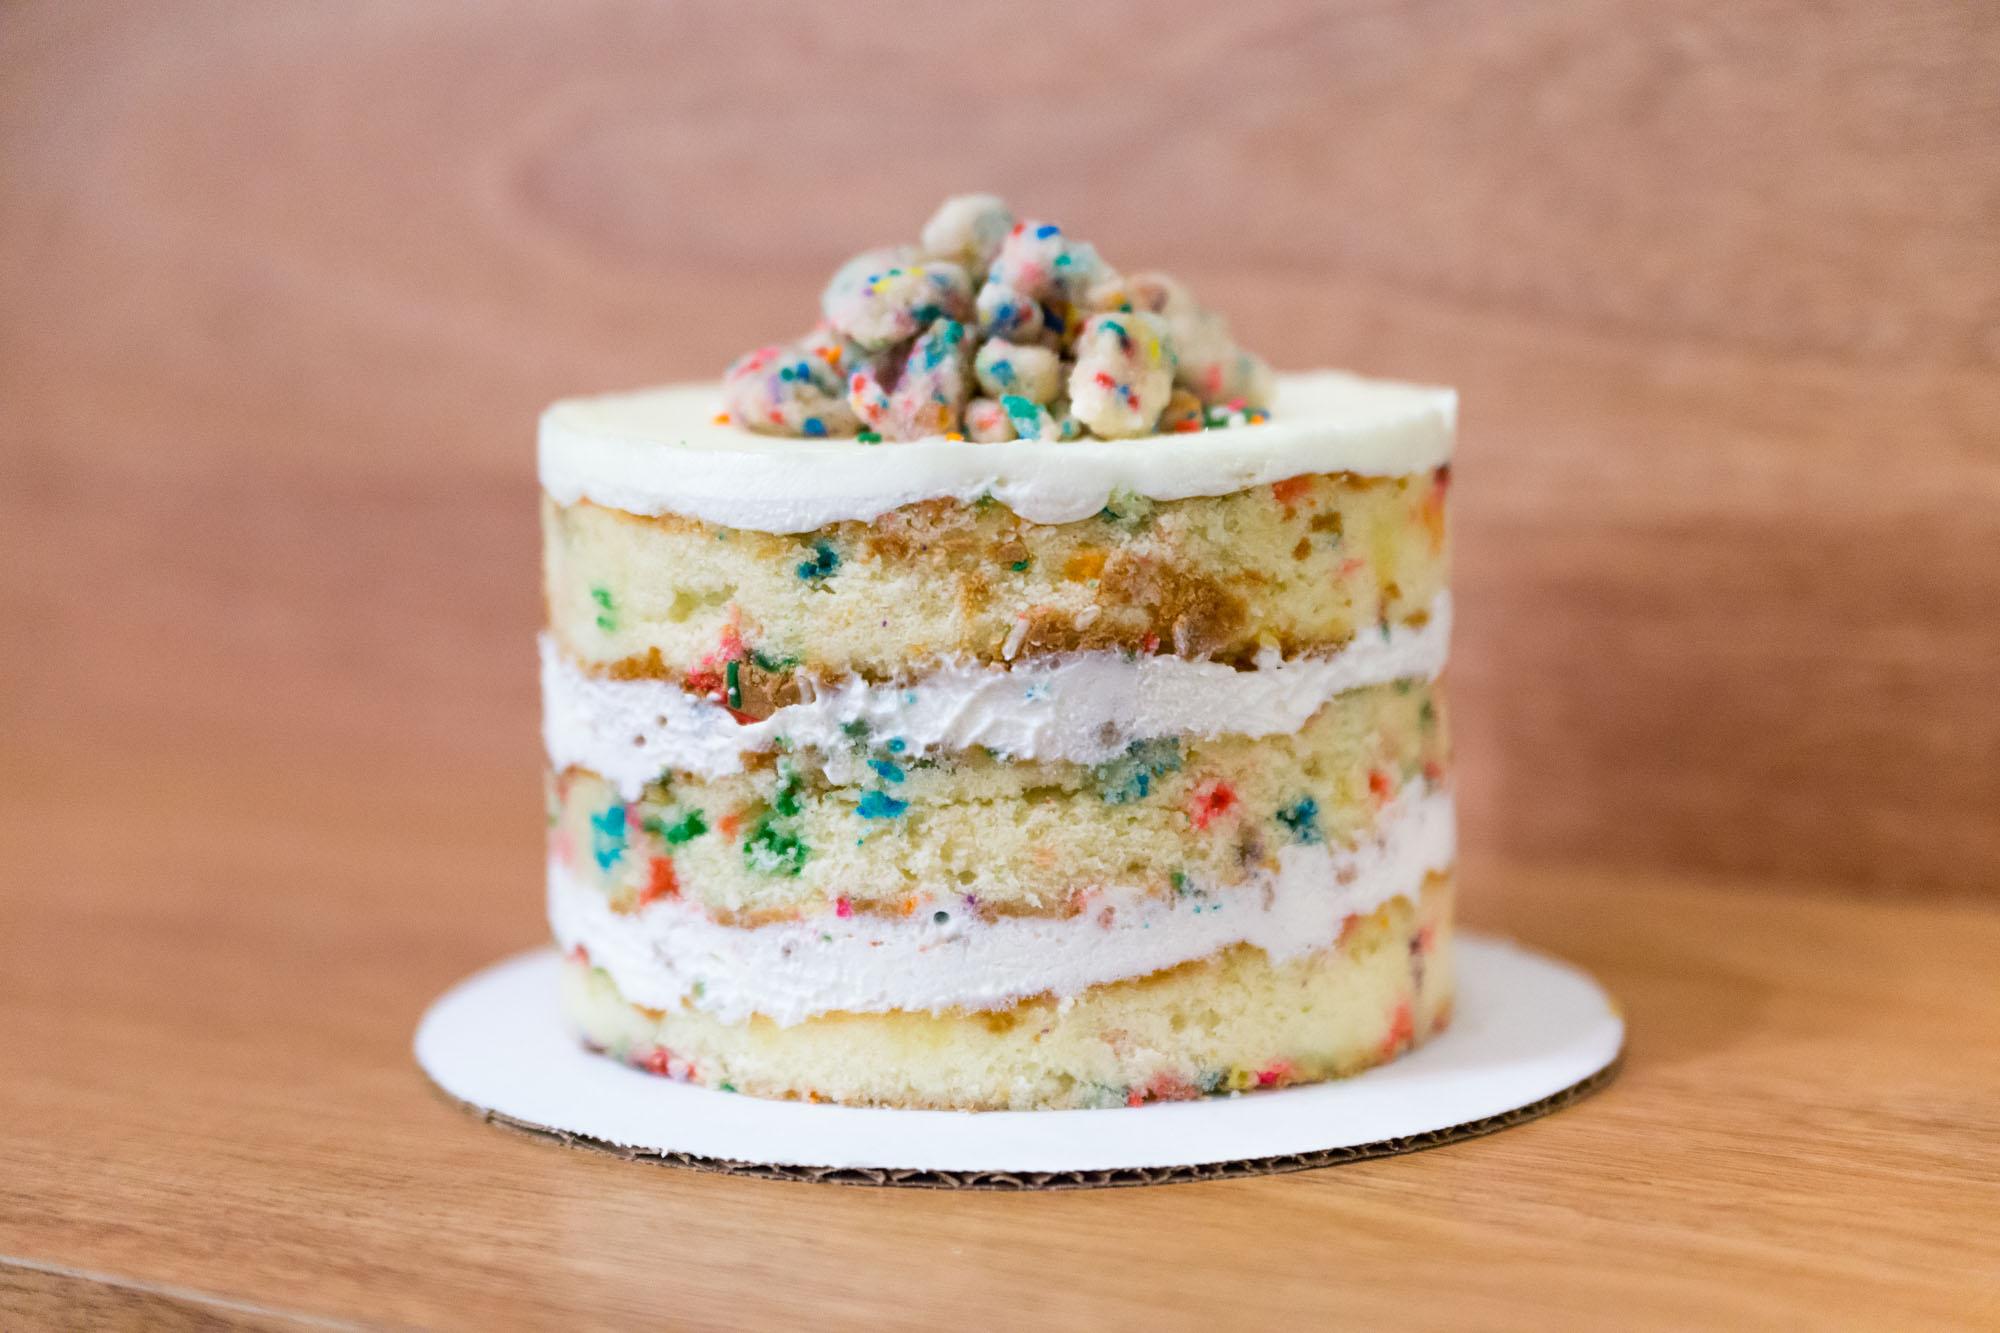 牛奶吧的生日蛋糕